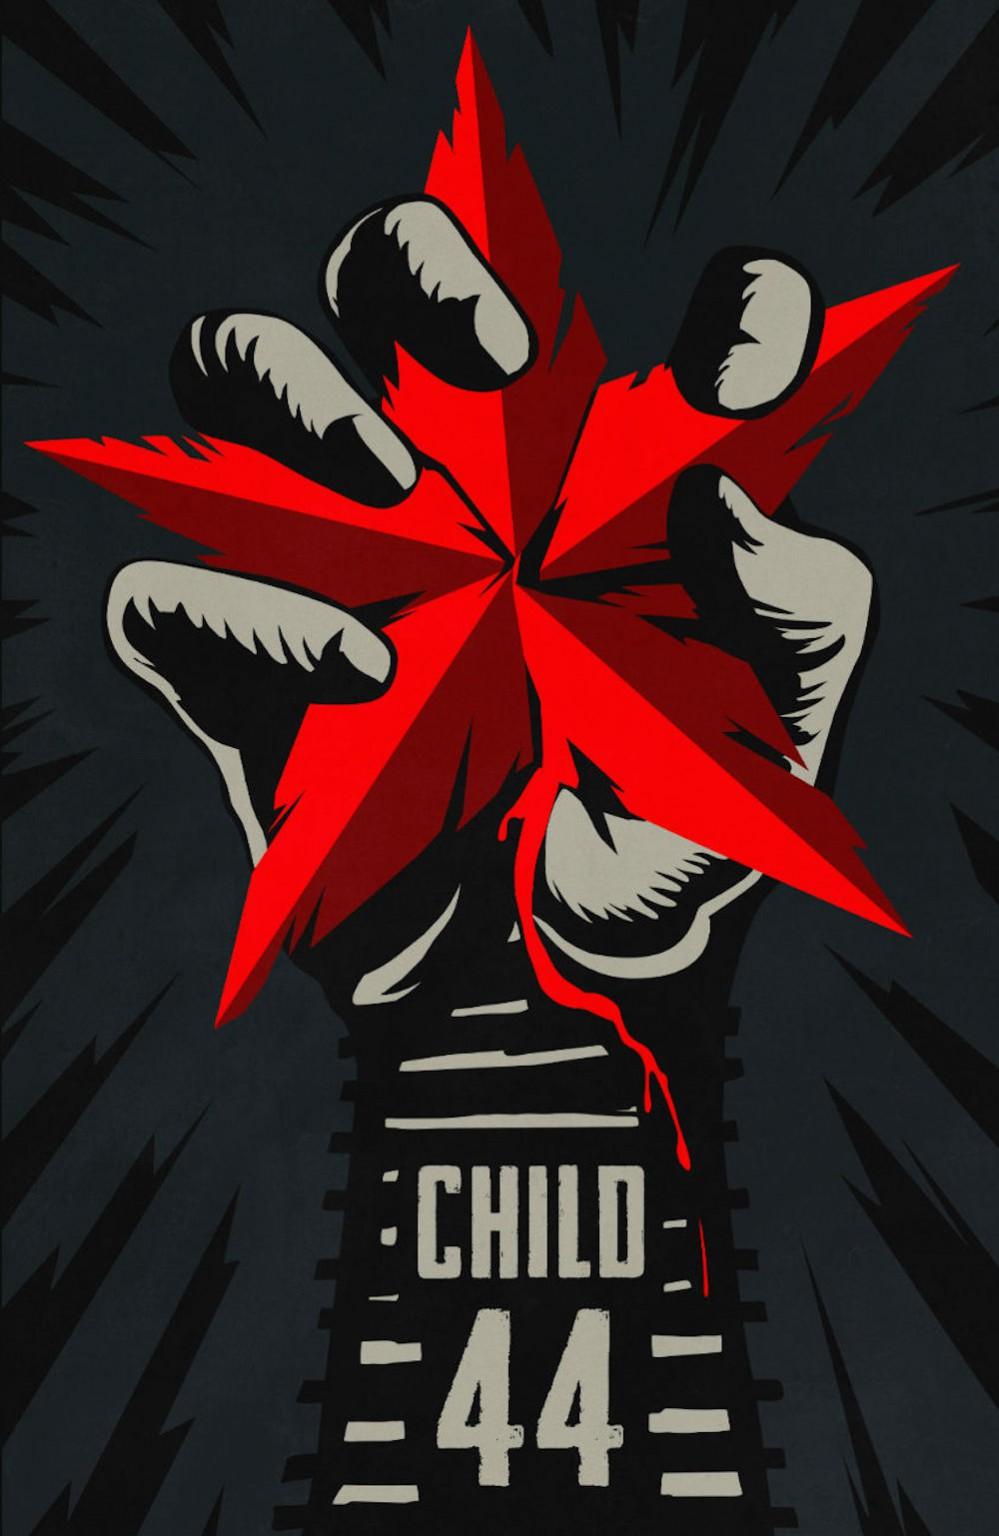 WIP03_Child44_1Sht_Star_VF-full